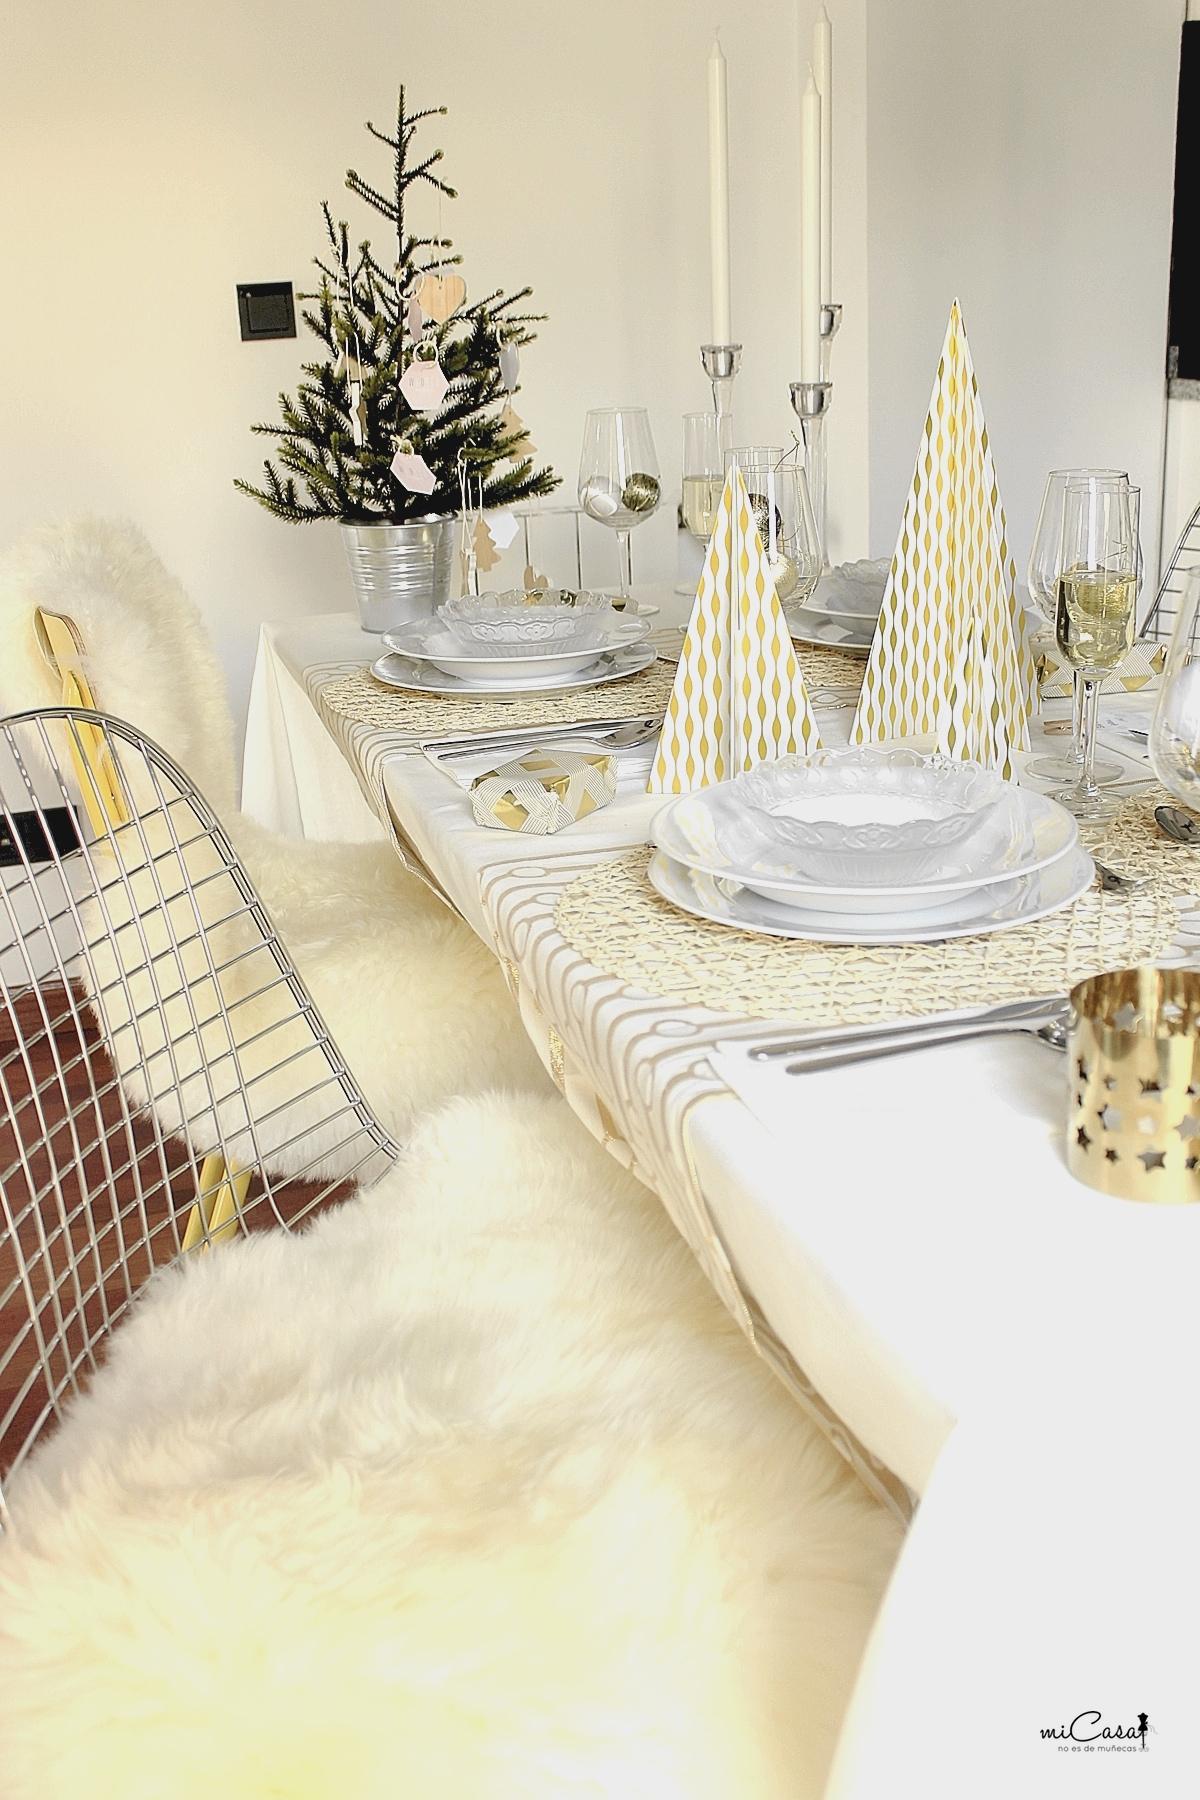 Cena Navidad Ikea - WeDeco 18